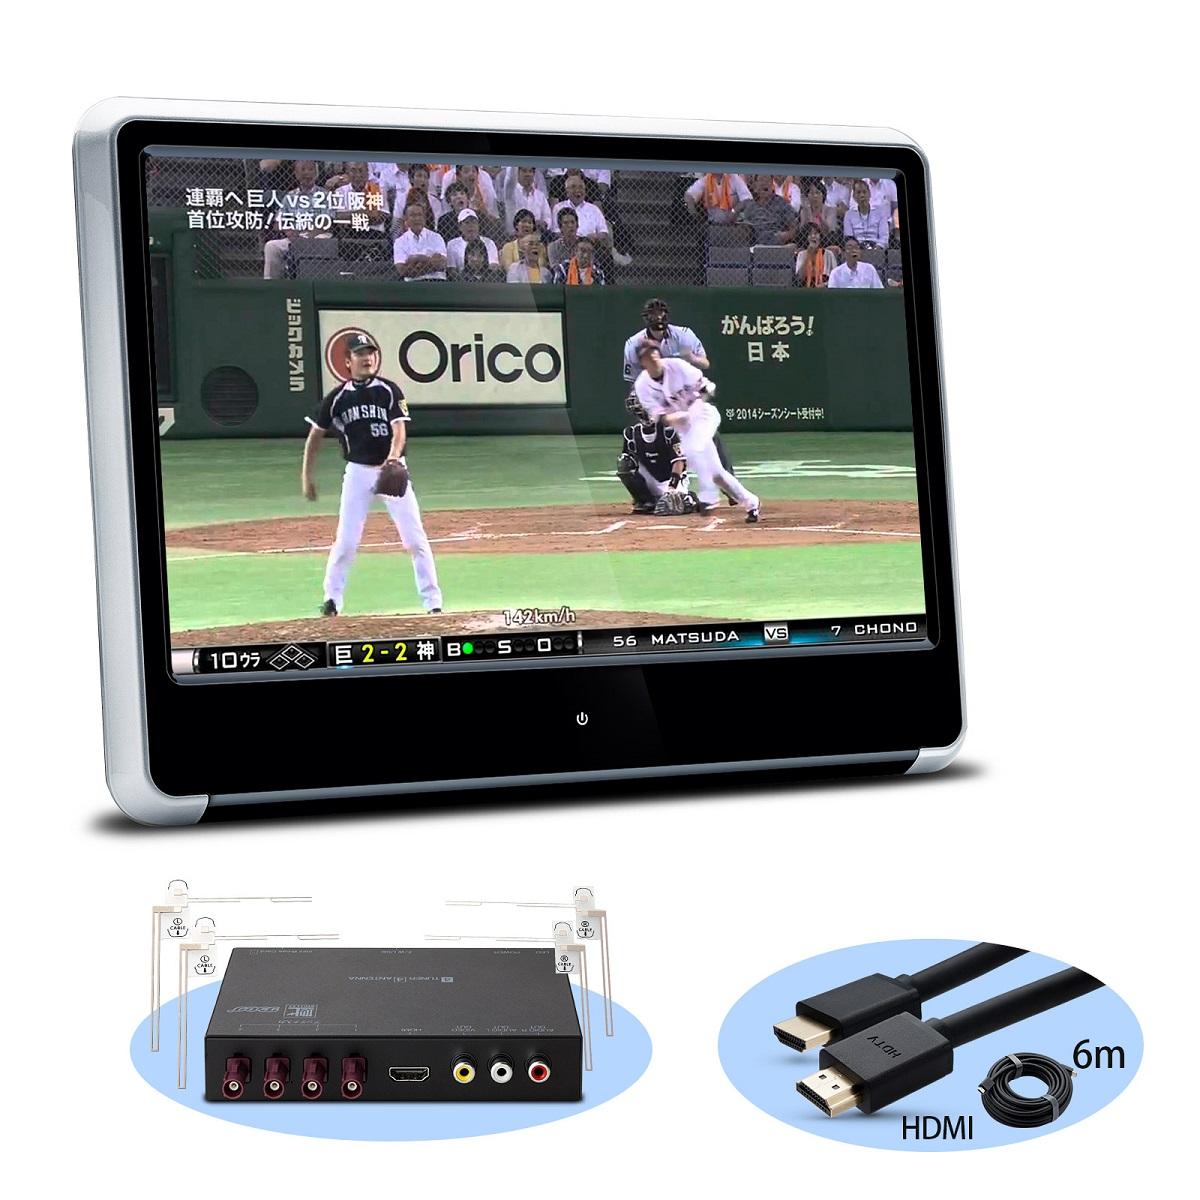 (HD121SITHD)XTRONS 12インチ 大画面 1920x1080超高解像度 IPSタッチパネル 1080Pビデオ対応 4x4地デジ搭載 フルセグ ヘッドレストモニター DVDプレーヤー 178度超広視野角 スロットイン式 ゲーム HDMI・USB・SD 1個1セット 一年保証付き